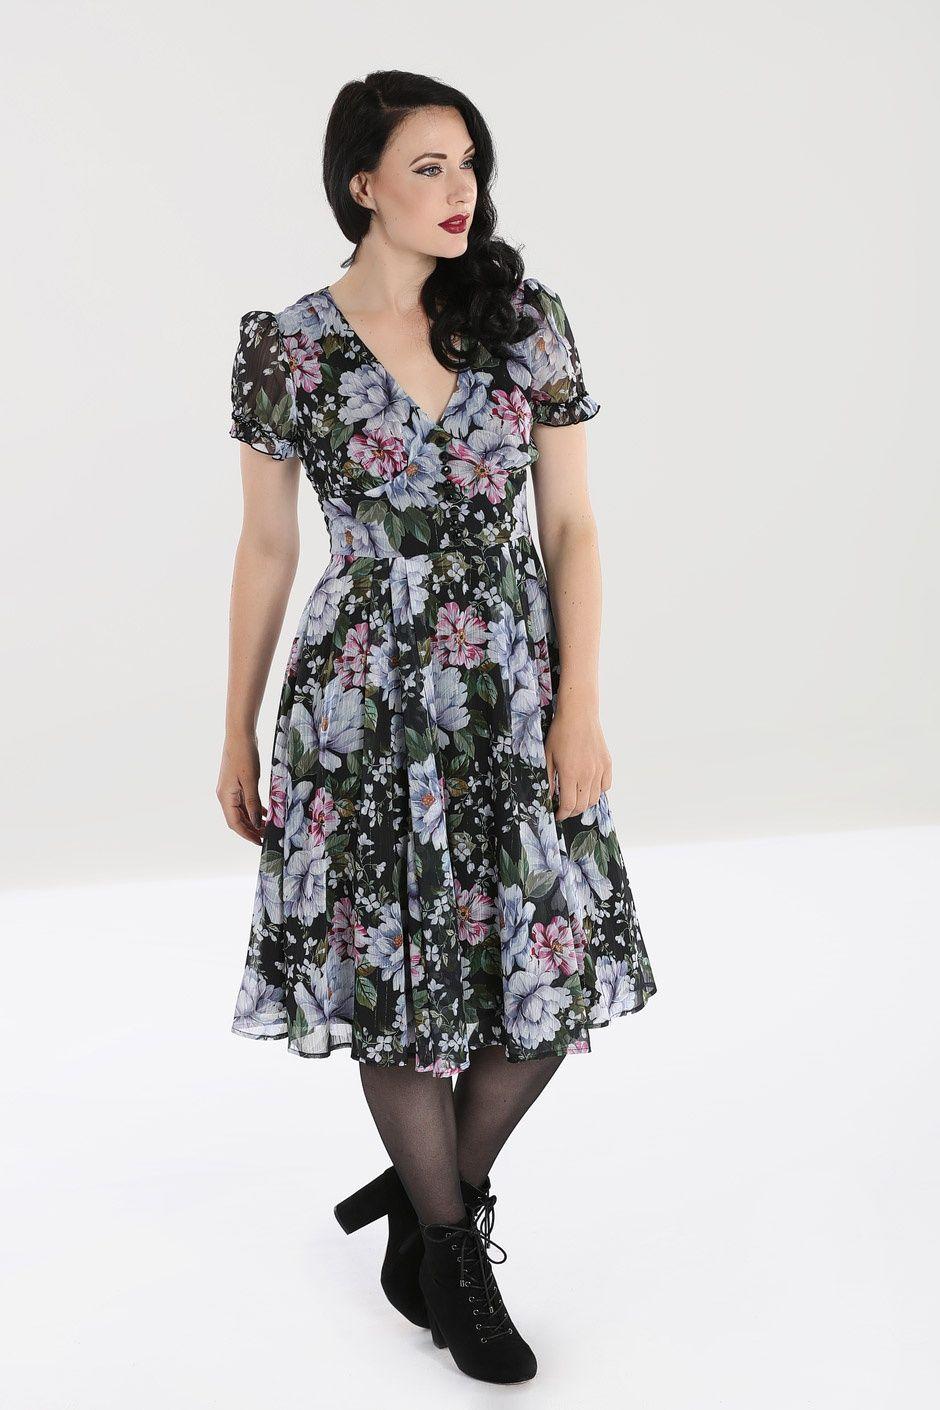 1940s 50s Vintage Style Retro Floral Dress - Magnolia